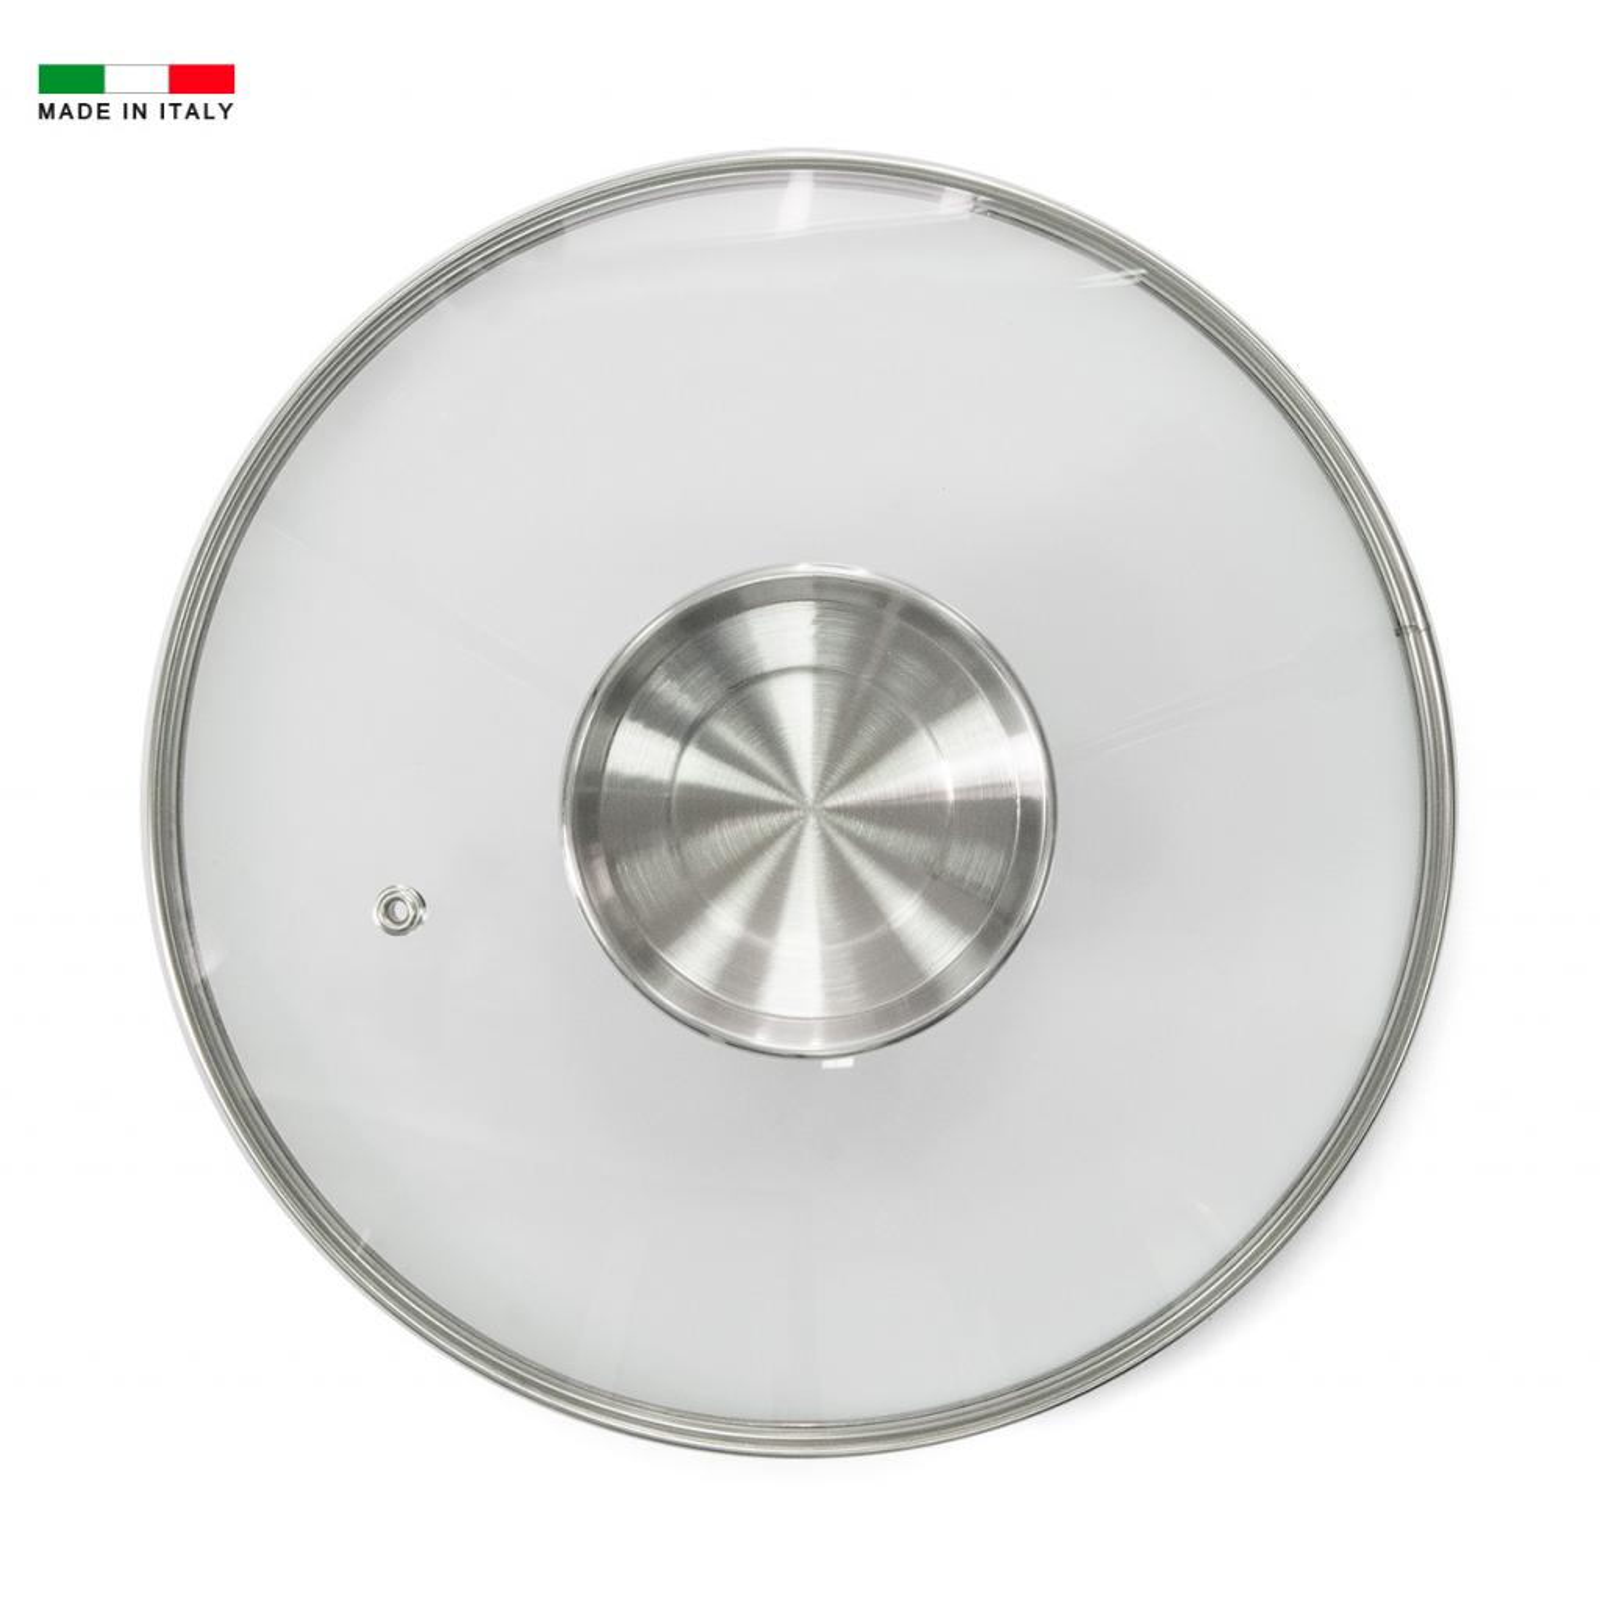 Крышка для посуды Pensofal Bioceramix 24 см (PEN9364) изображение 3